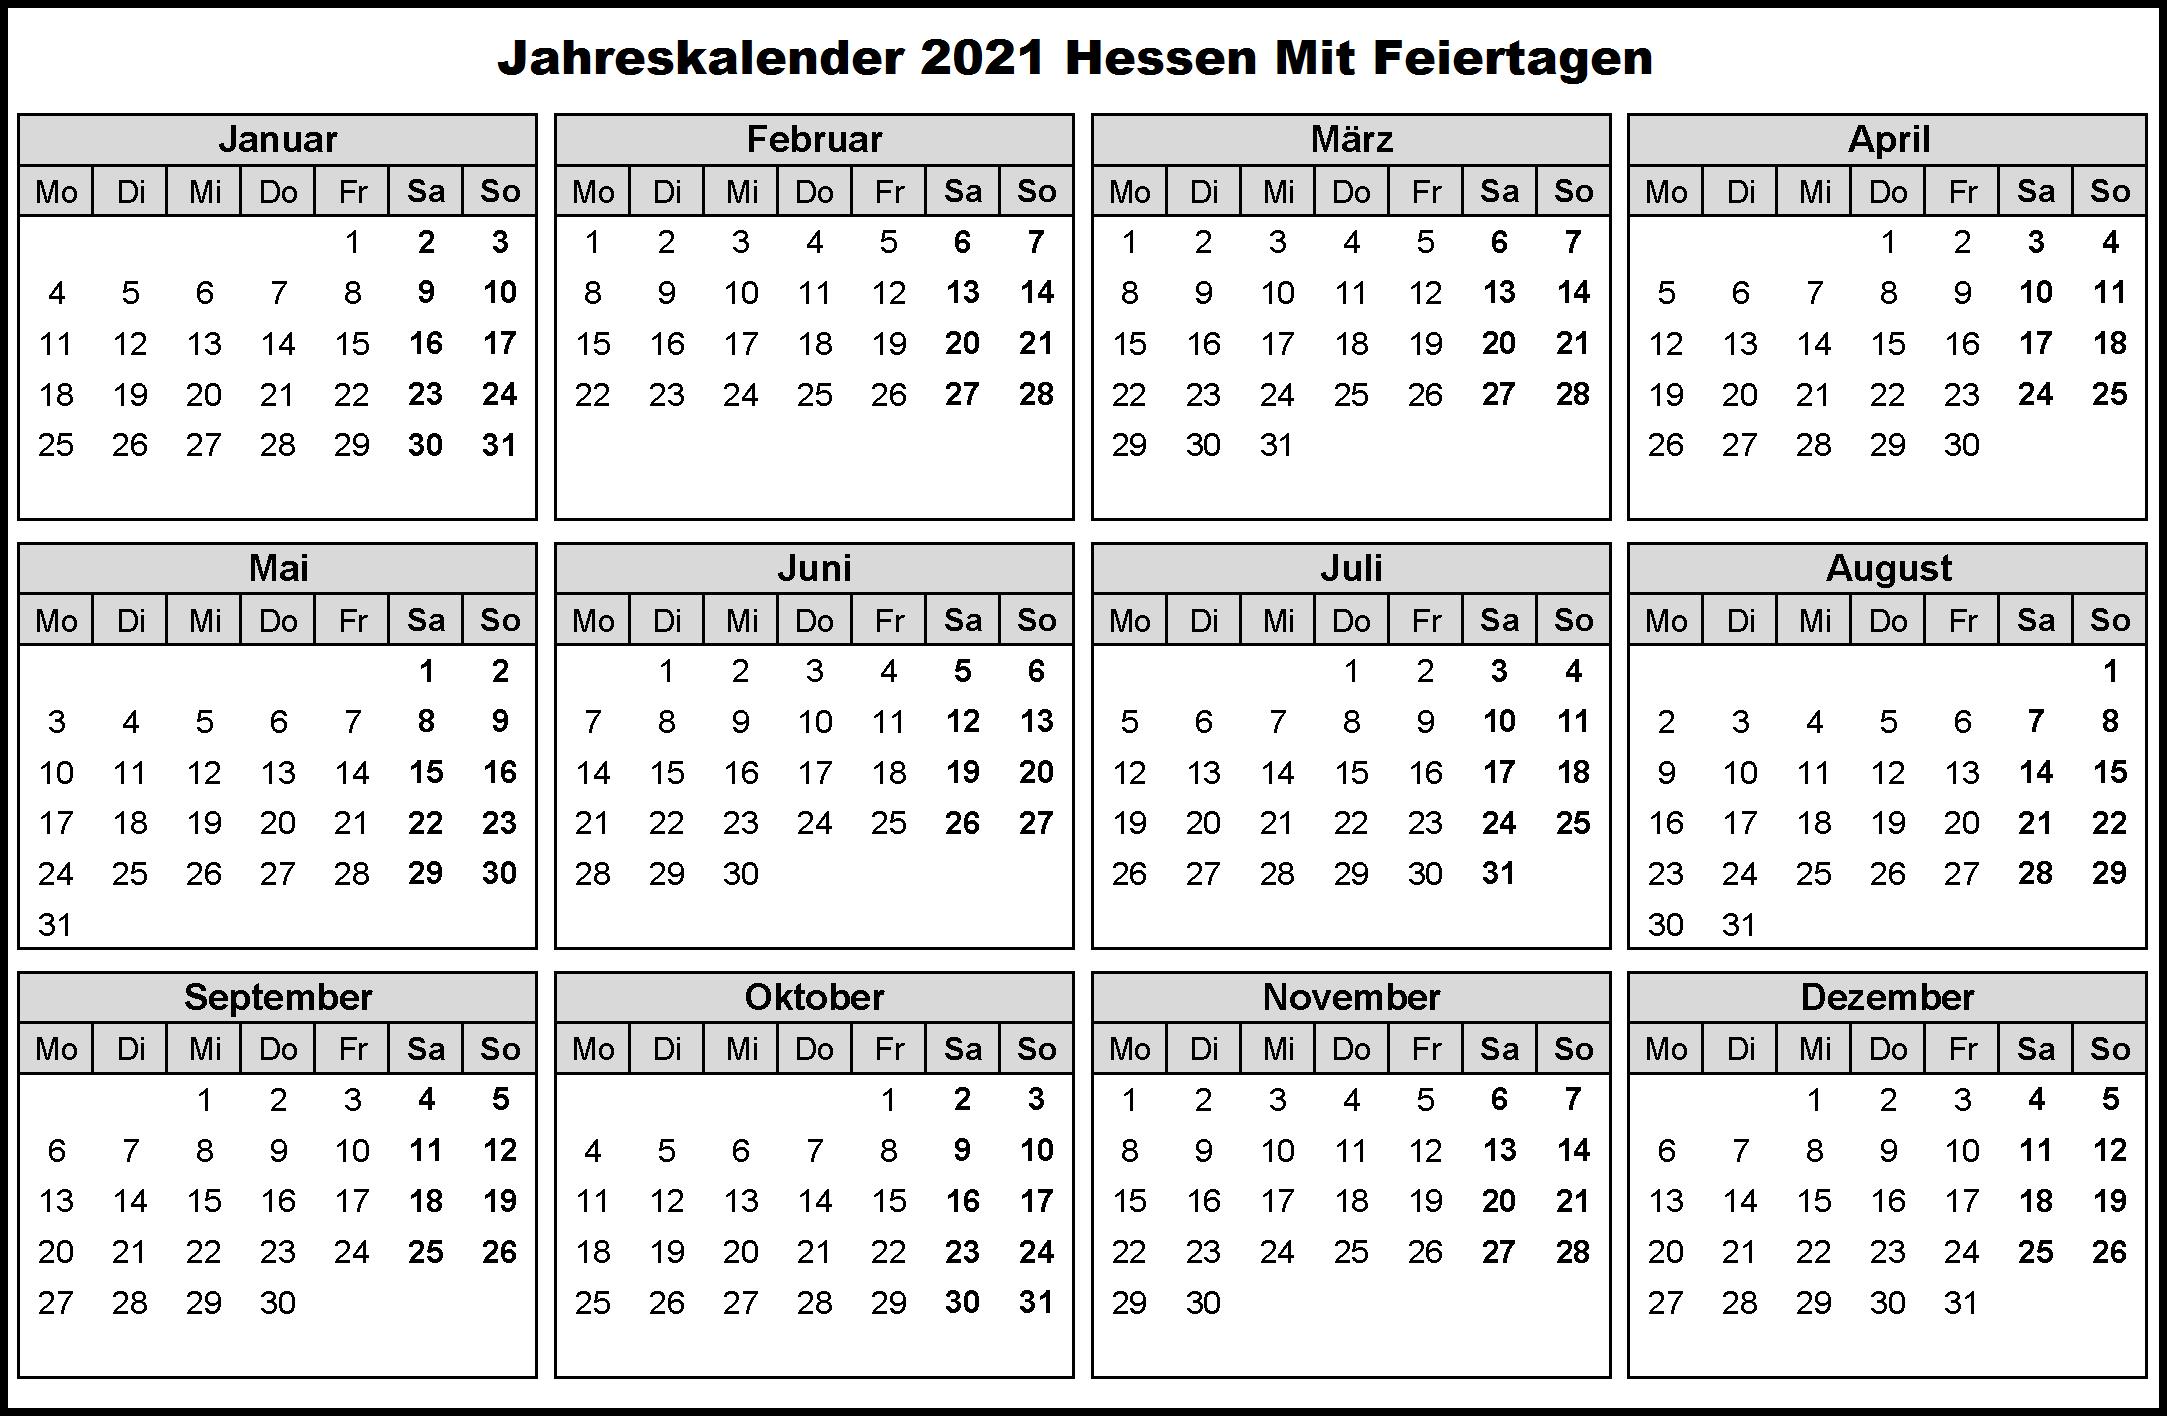 Jahreskalender 2021 Hessen MitFerien und Feiertagen